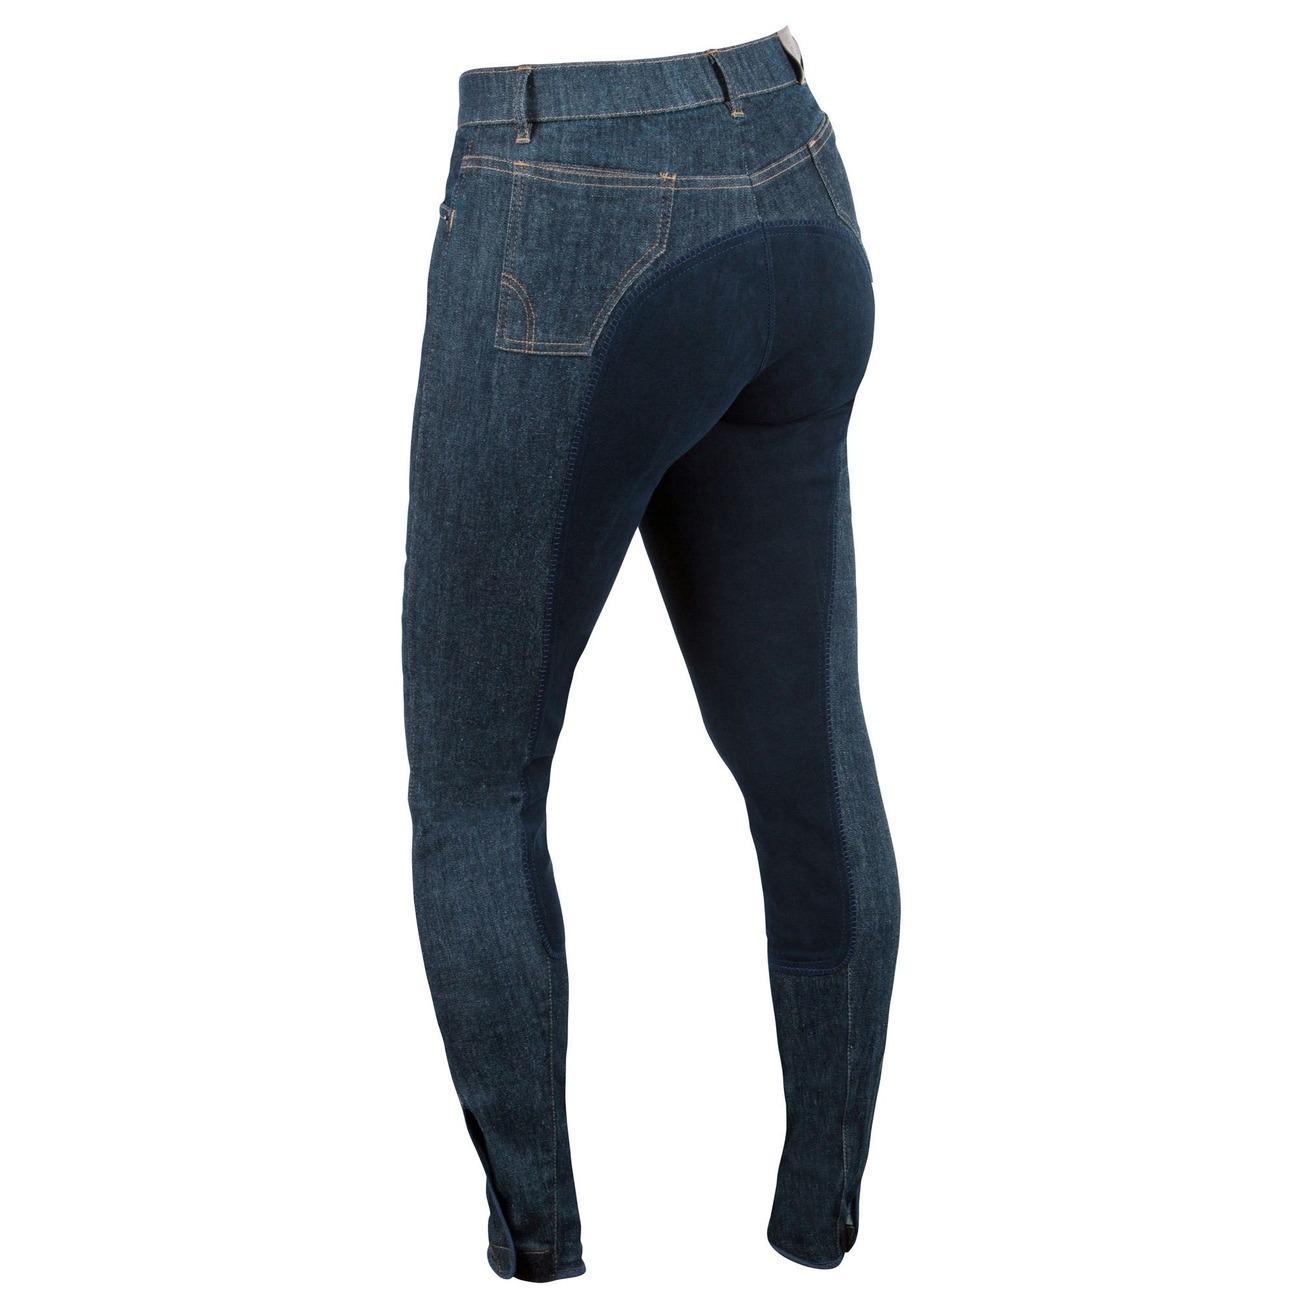 Covalliero Jeans Reithose Denim für Herren, Bild 3